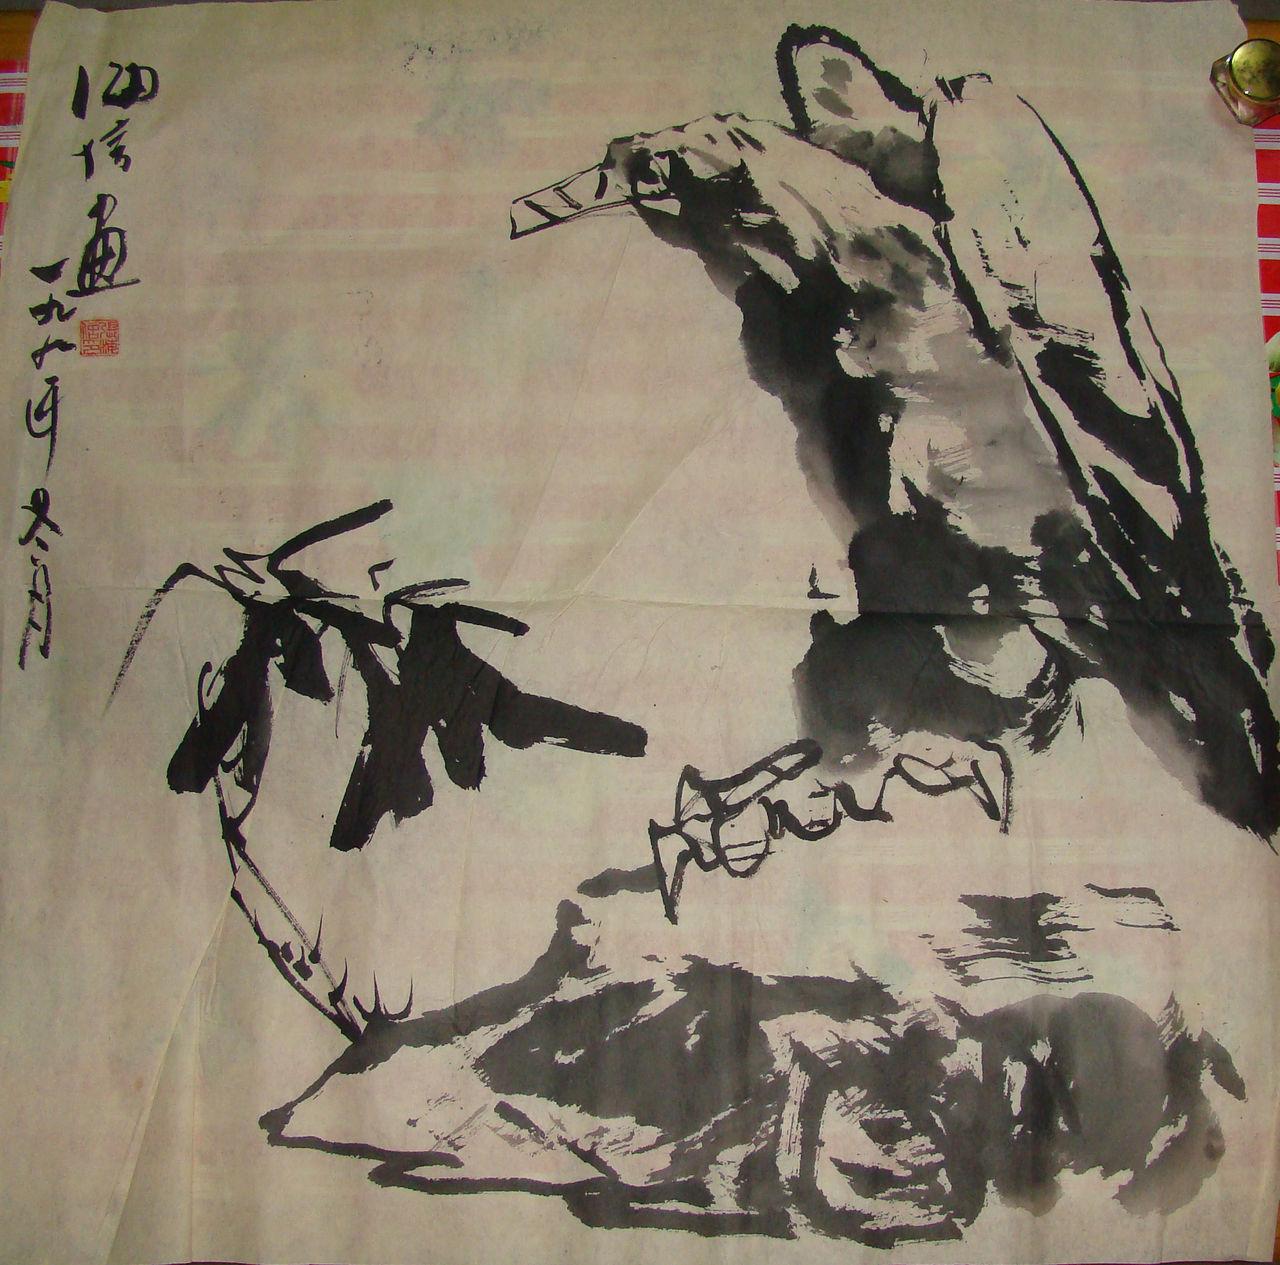 陕县文化馆馆长张海信赠画珍藏 - gxw2578535 - gxw2578535的博客